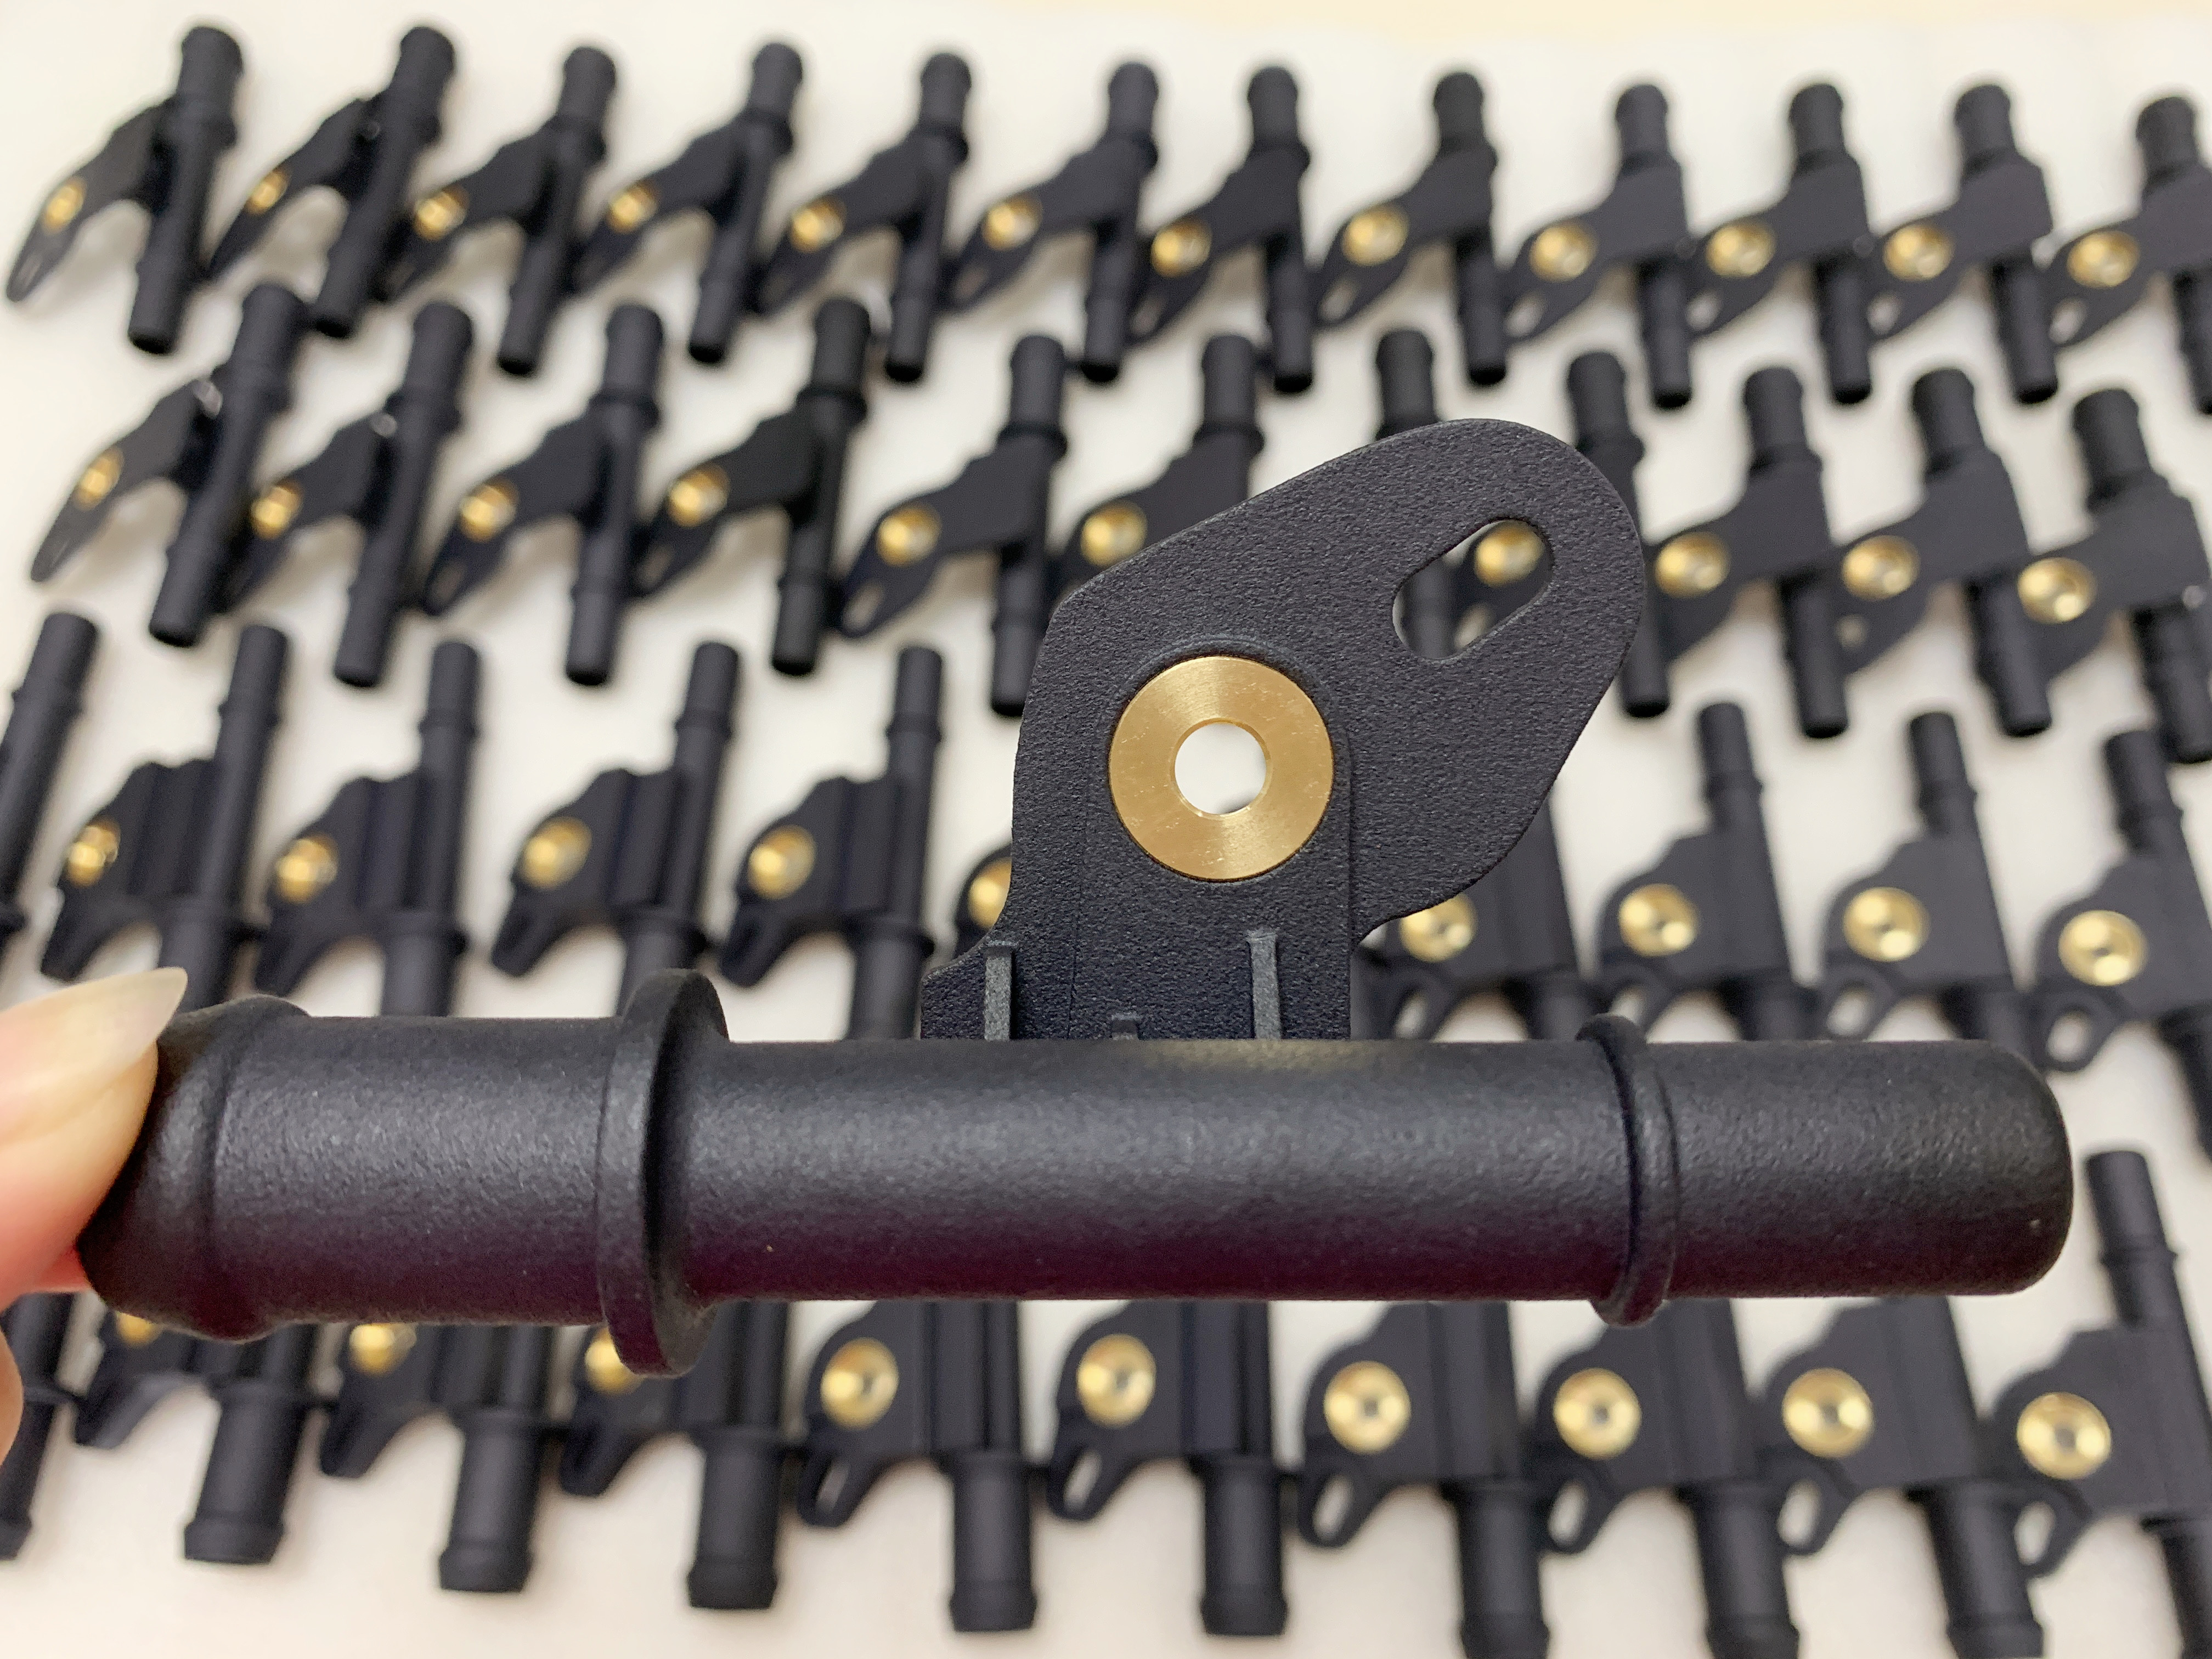 镶嵌铜螺母